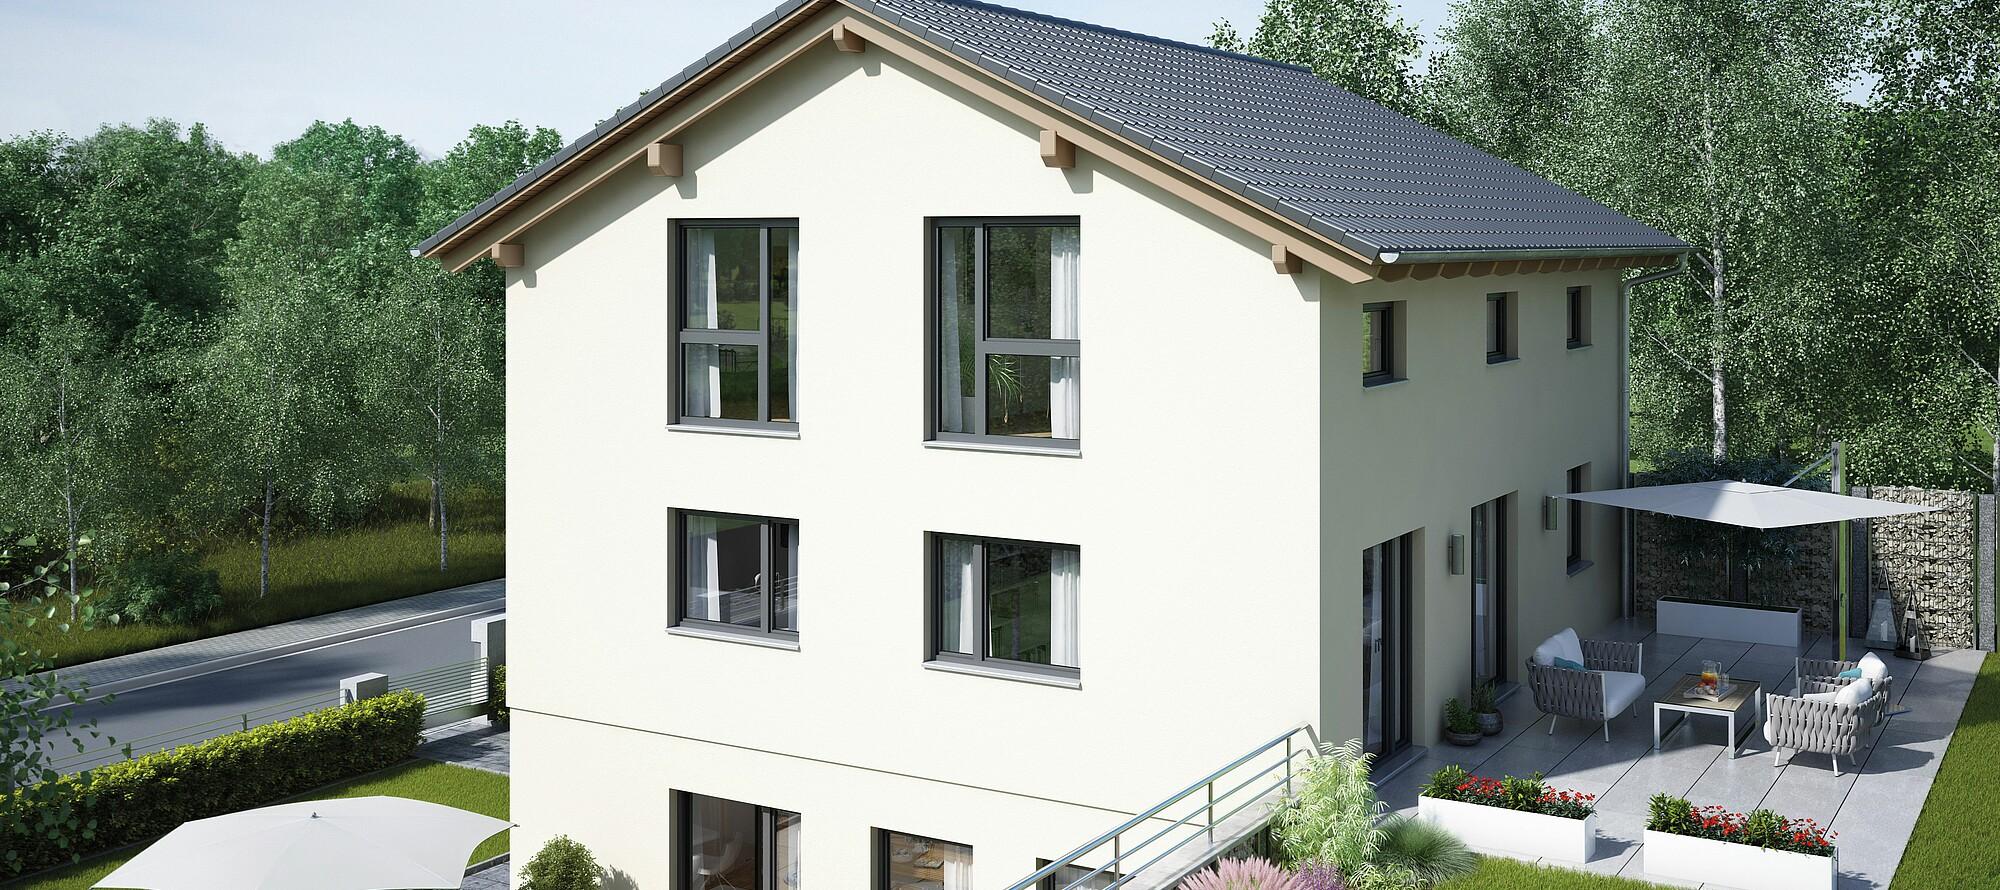 Fertighaus Variant 25 166 Mit Einliegerwohnung Variante 1 Hanse Haus